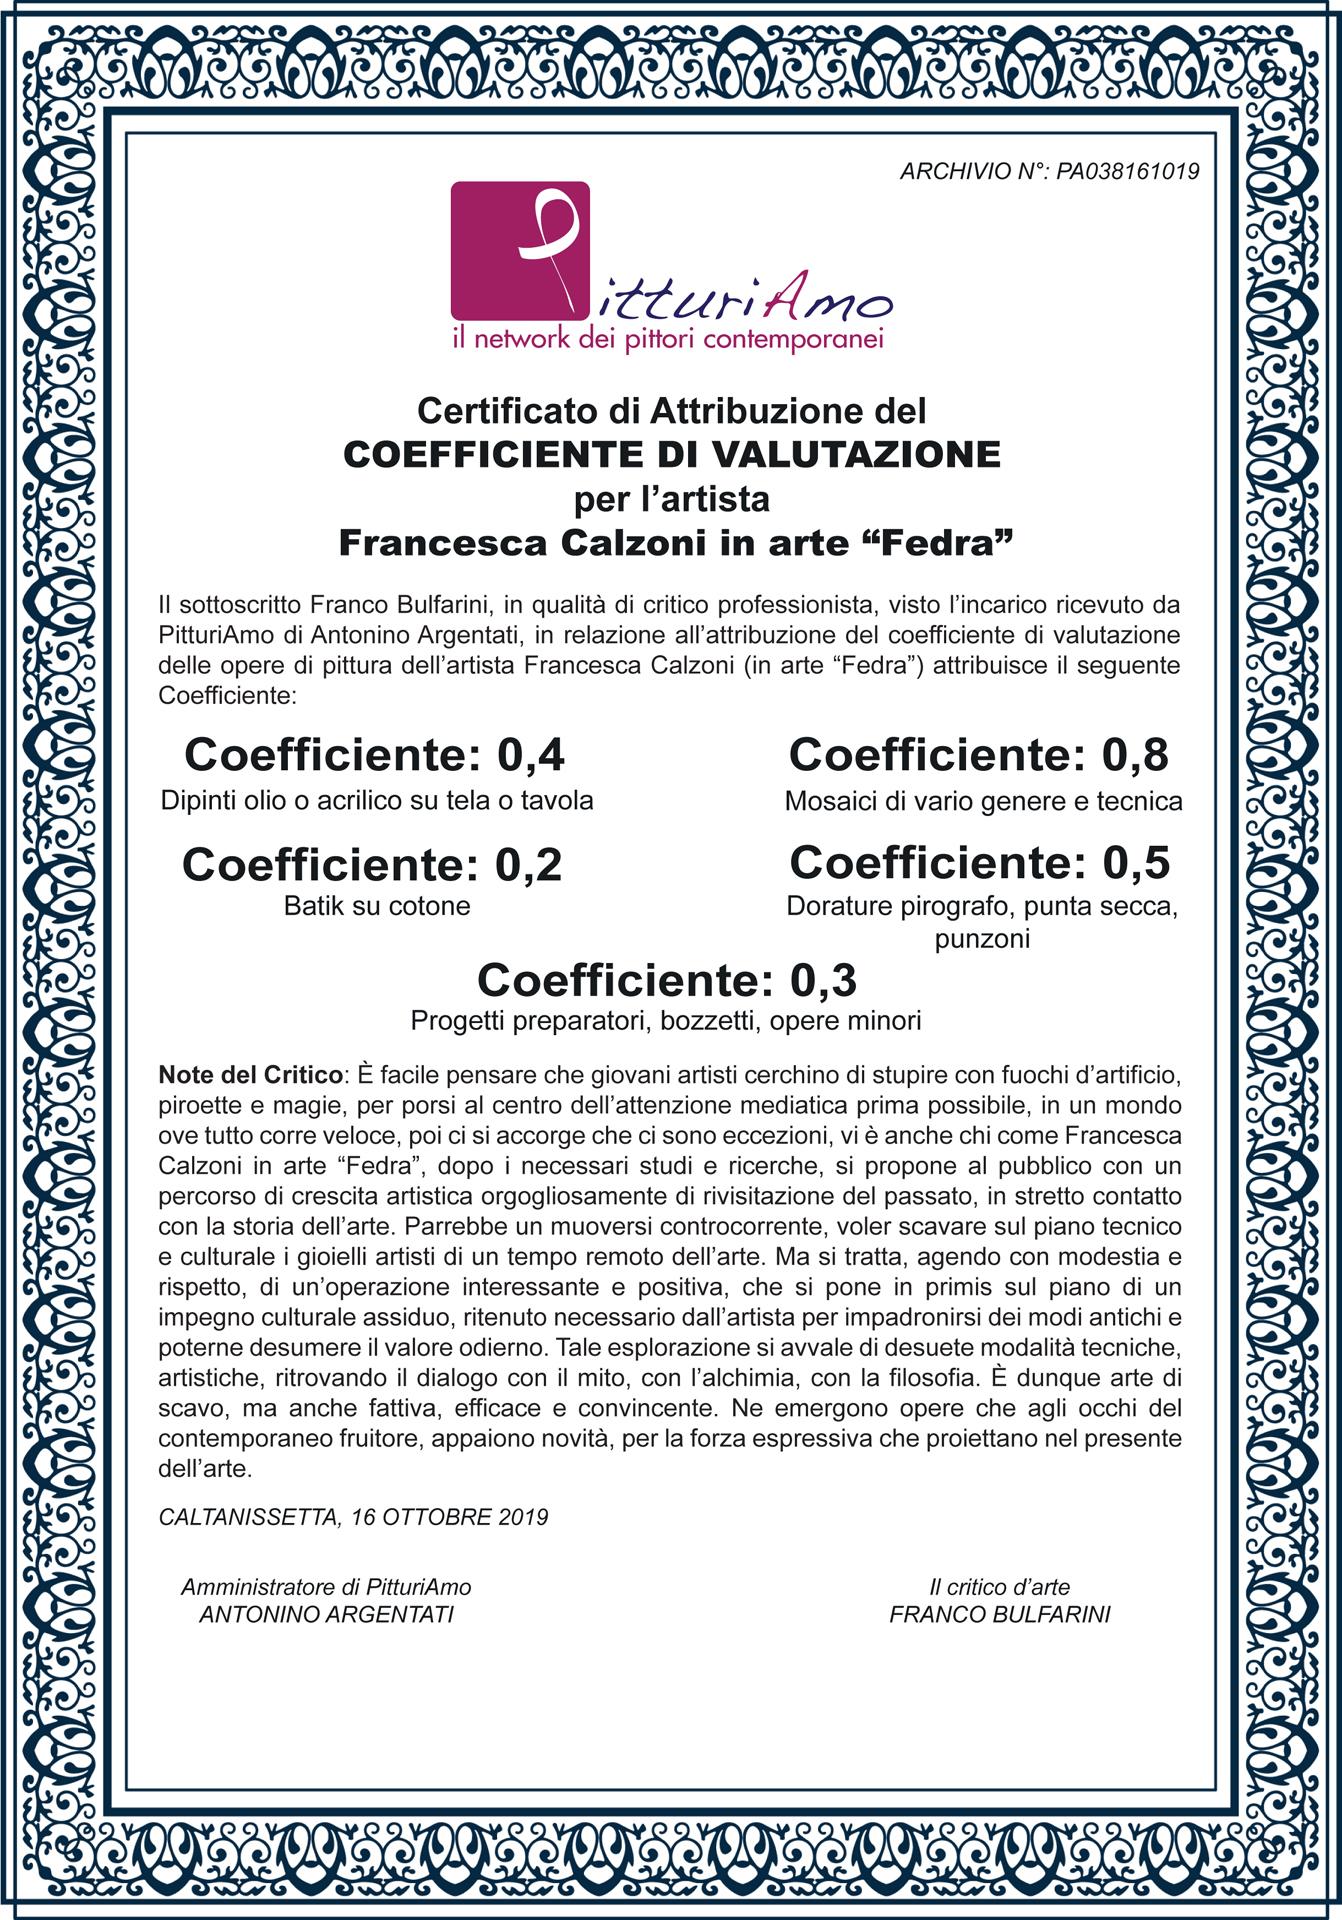 Coefficiente Artistico di Francesca Calzoni, in arte FEDRA